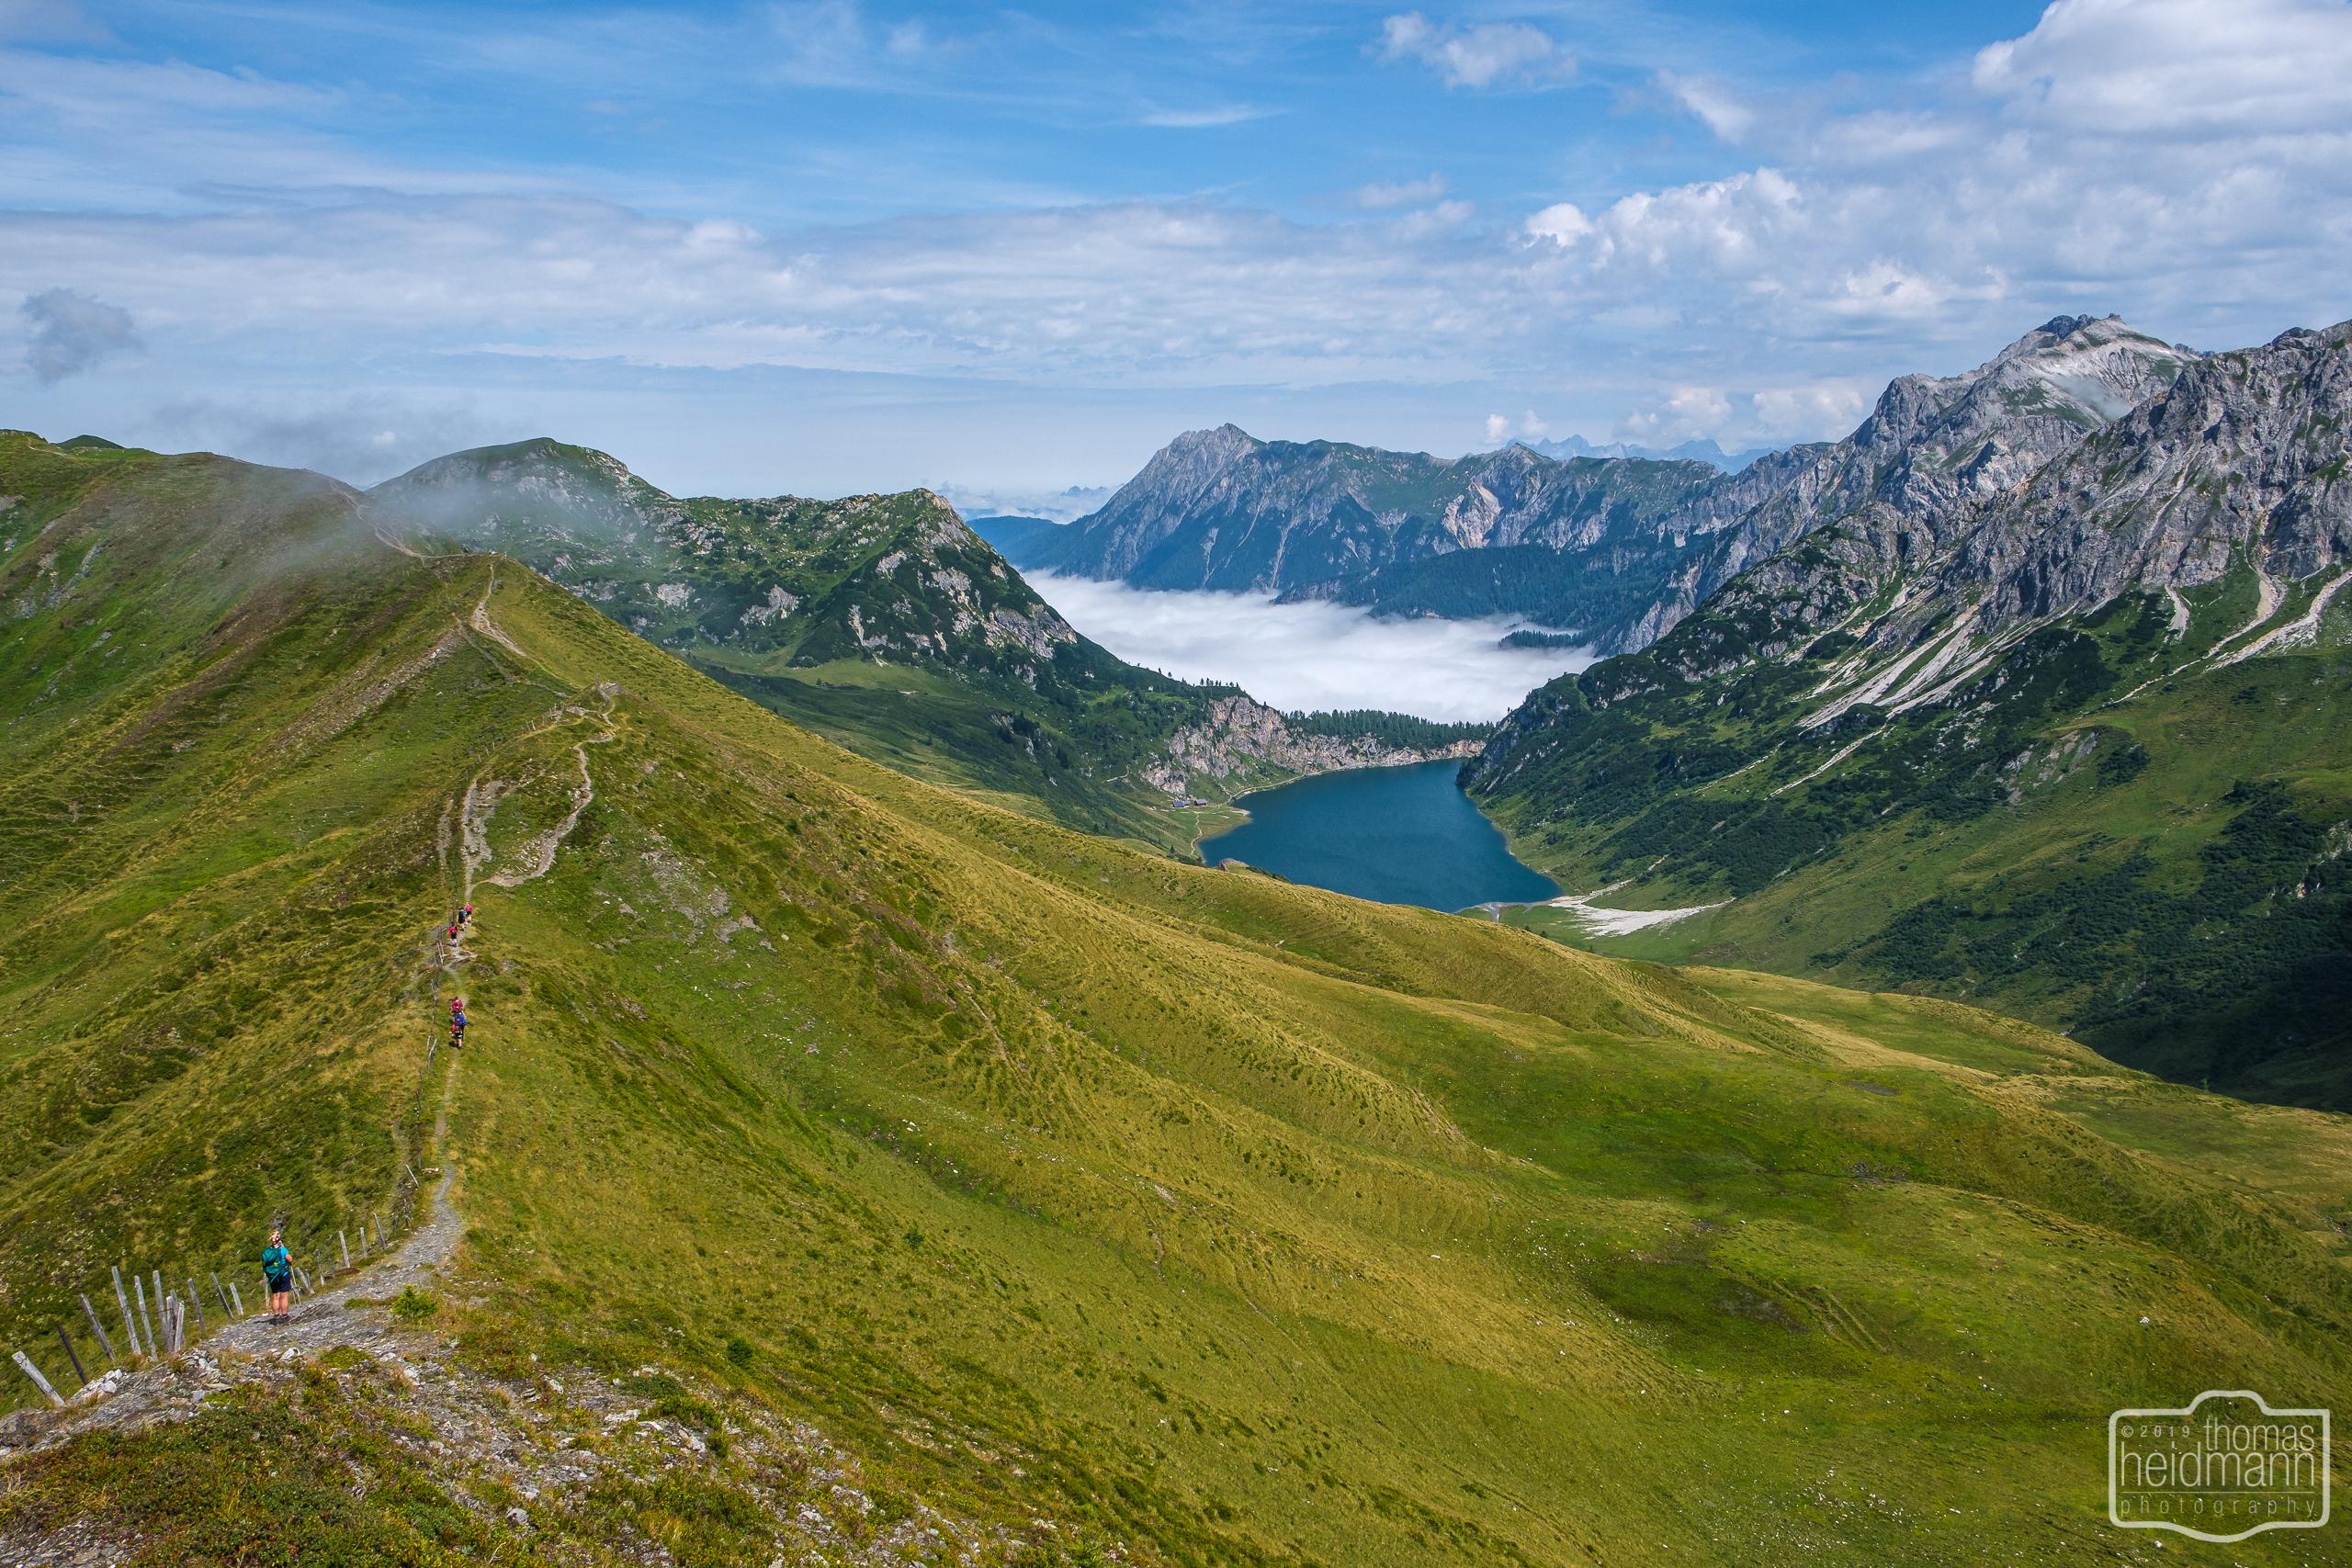 Gratwanderung - Der Grat und Blick zum Tappenkarsee